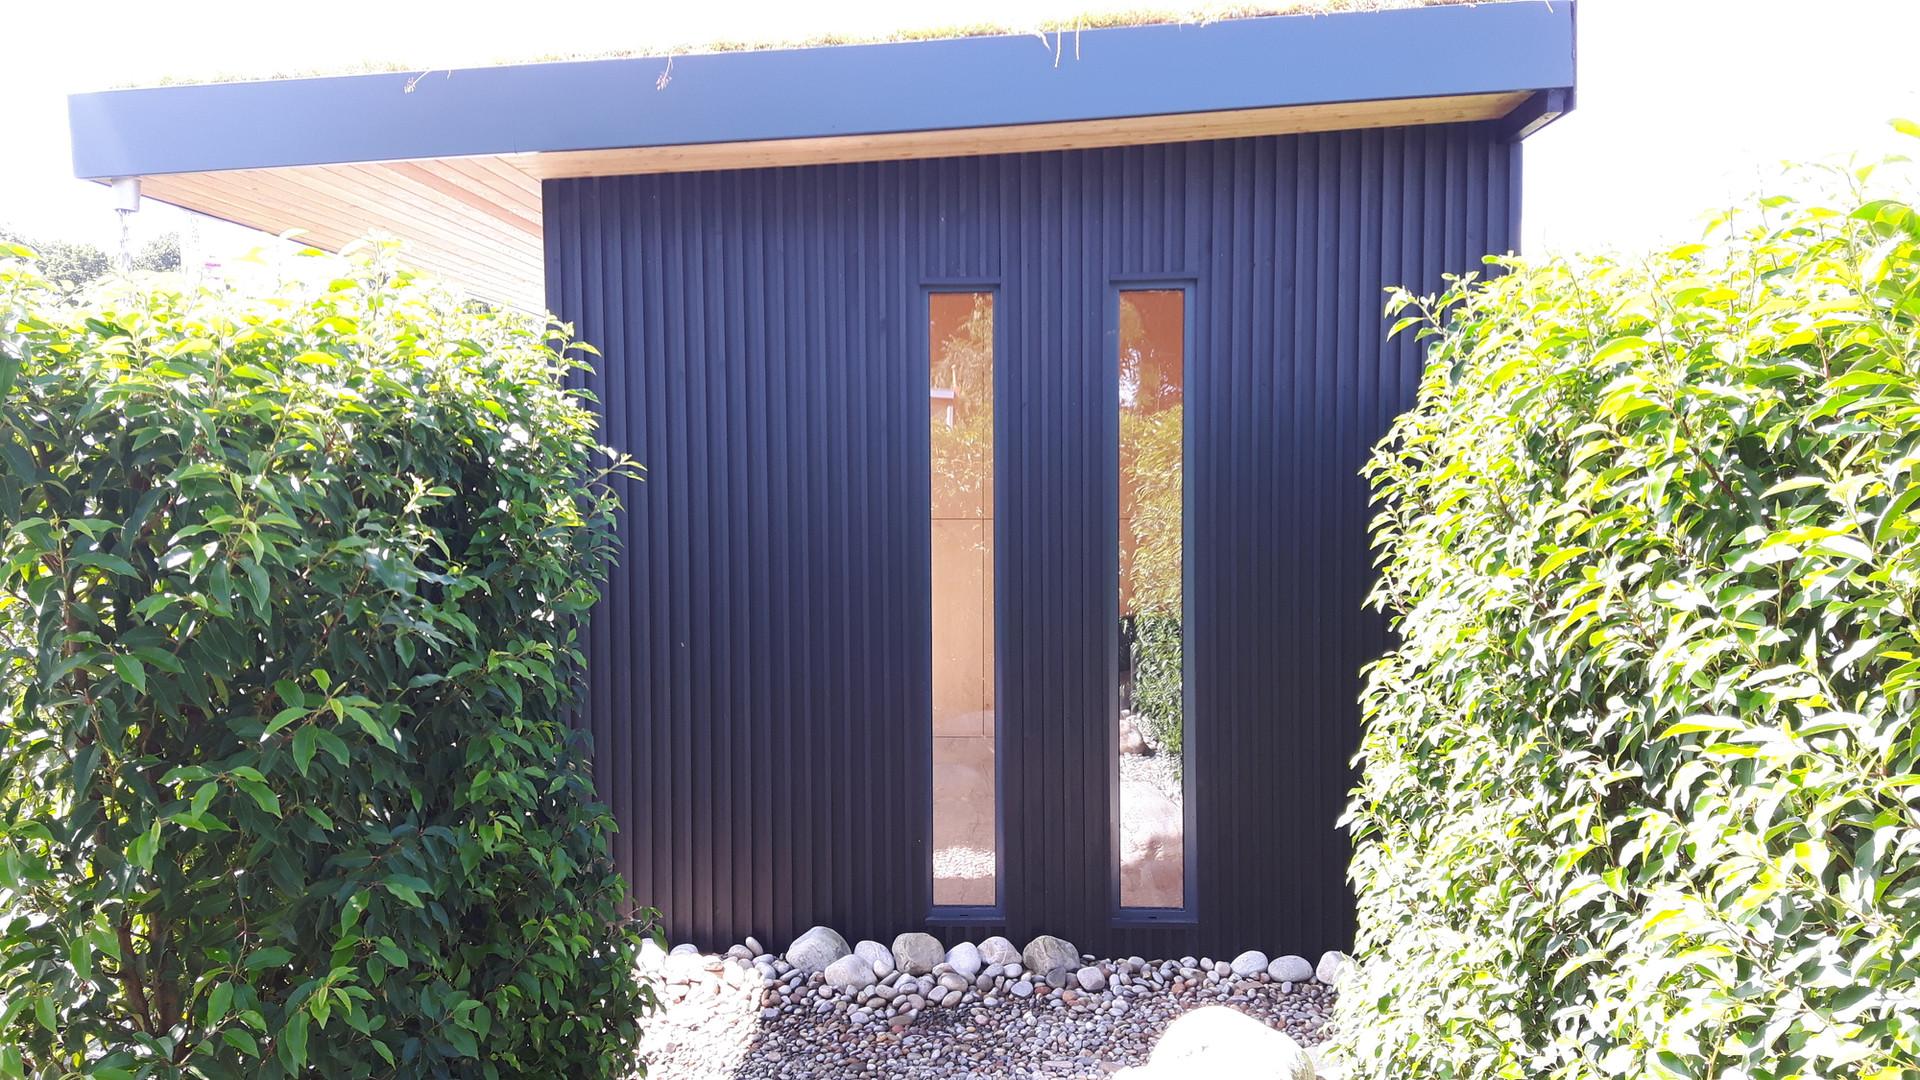 Bespoke window detailing | Garden Room